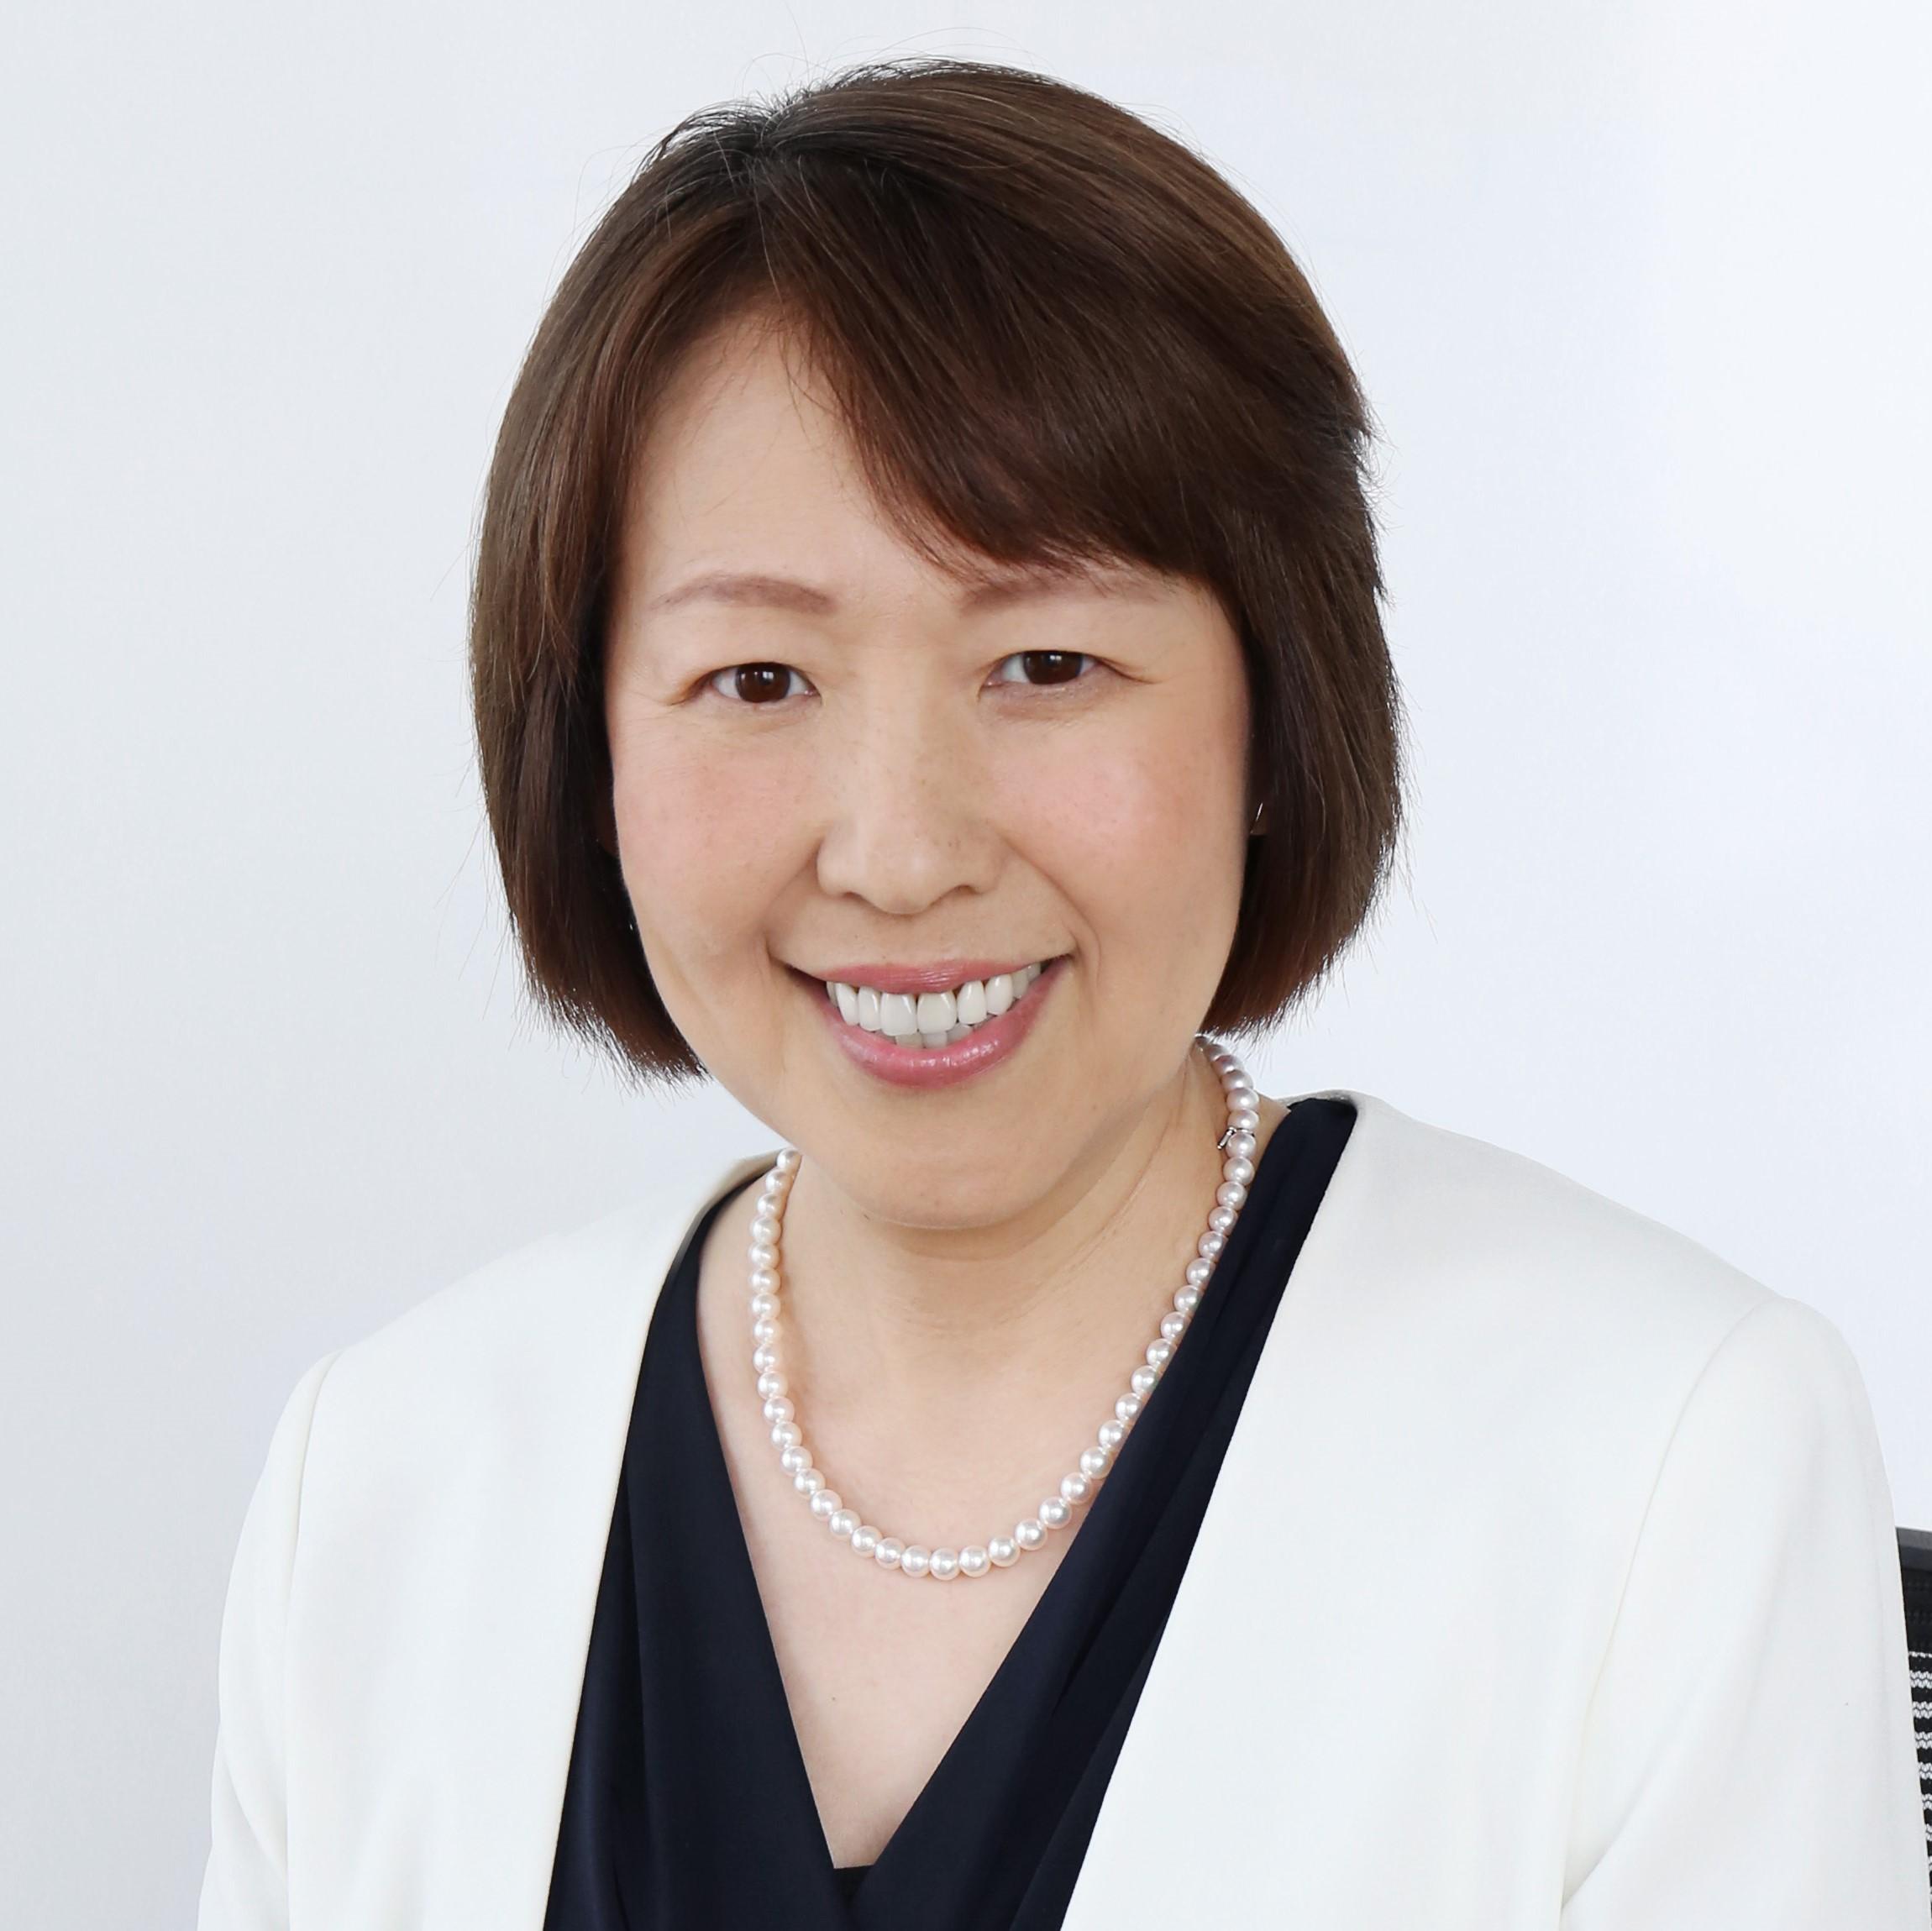 Miyoko Kimura